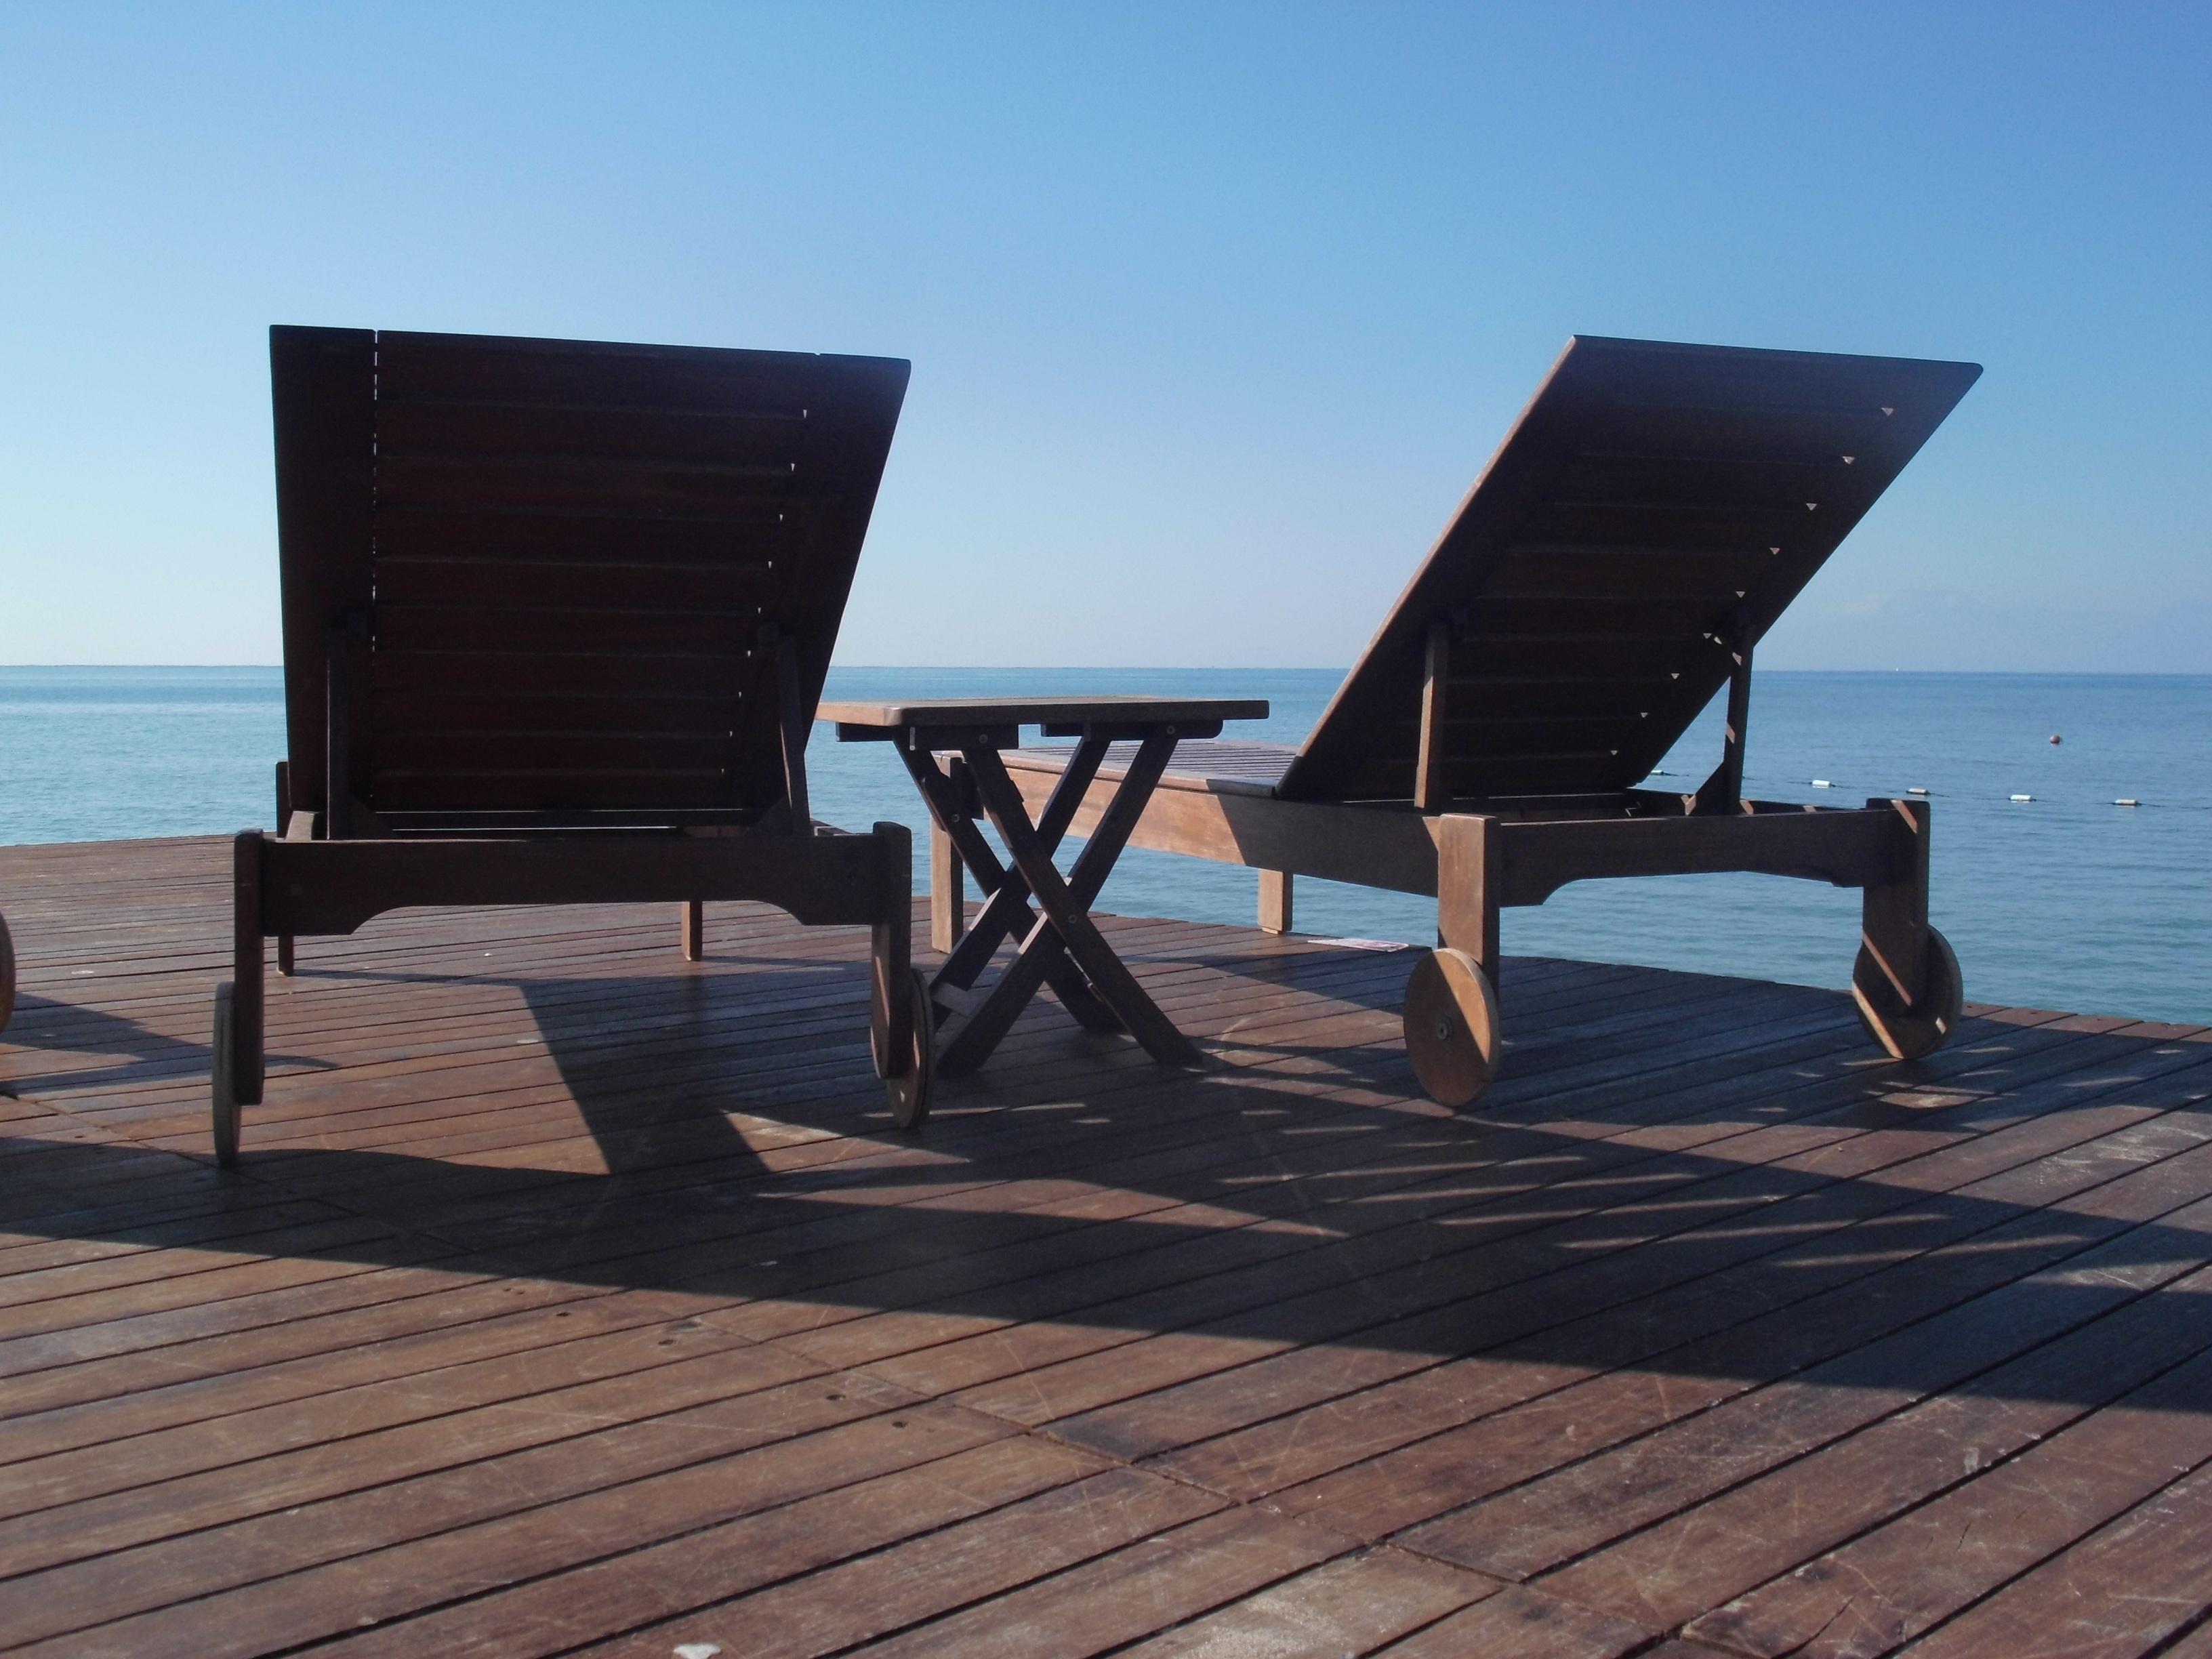 Fotos gratis : mesa, playa, mar, agua, Oceano, piso, relajarse ...